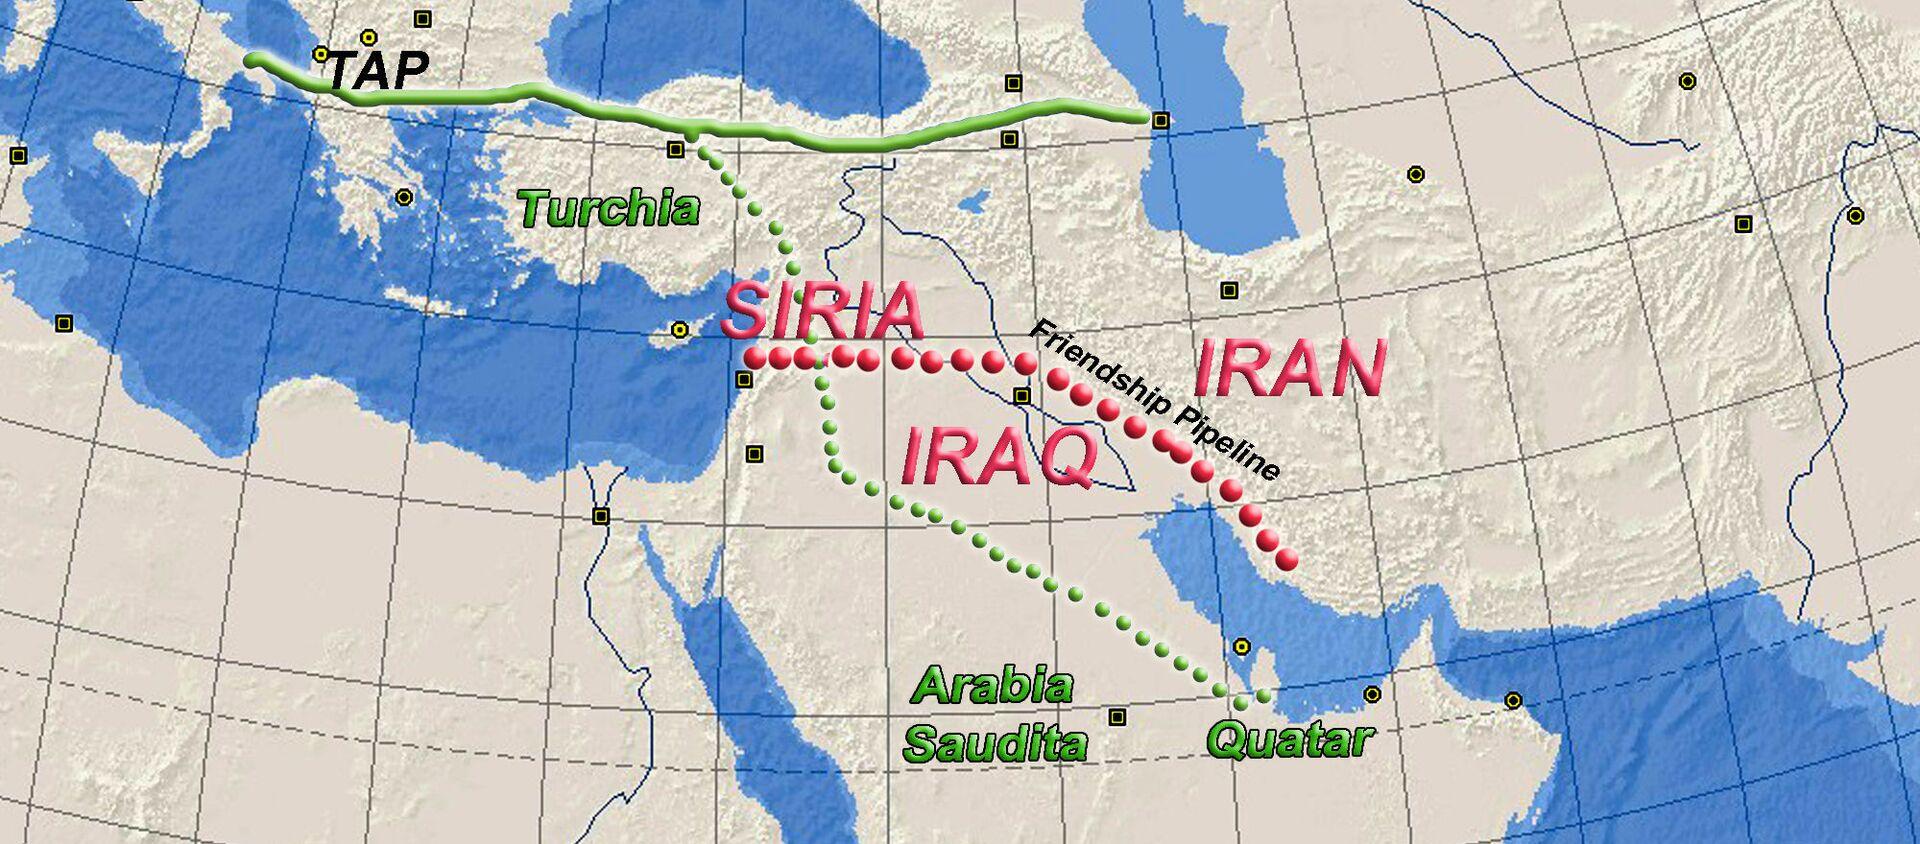 Progetto Friendship Pipeline, il gasdotto che vuole portare il gas iraniano fino in Europa - Sputnik Italia, 1920, 11.02.2021